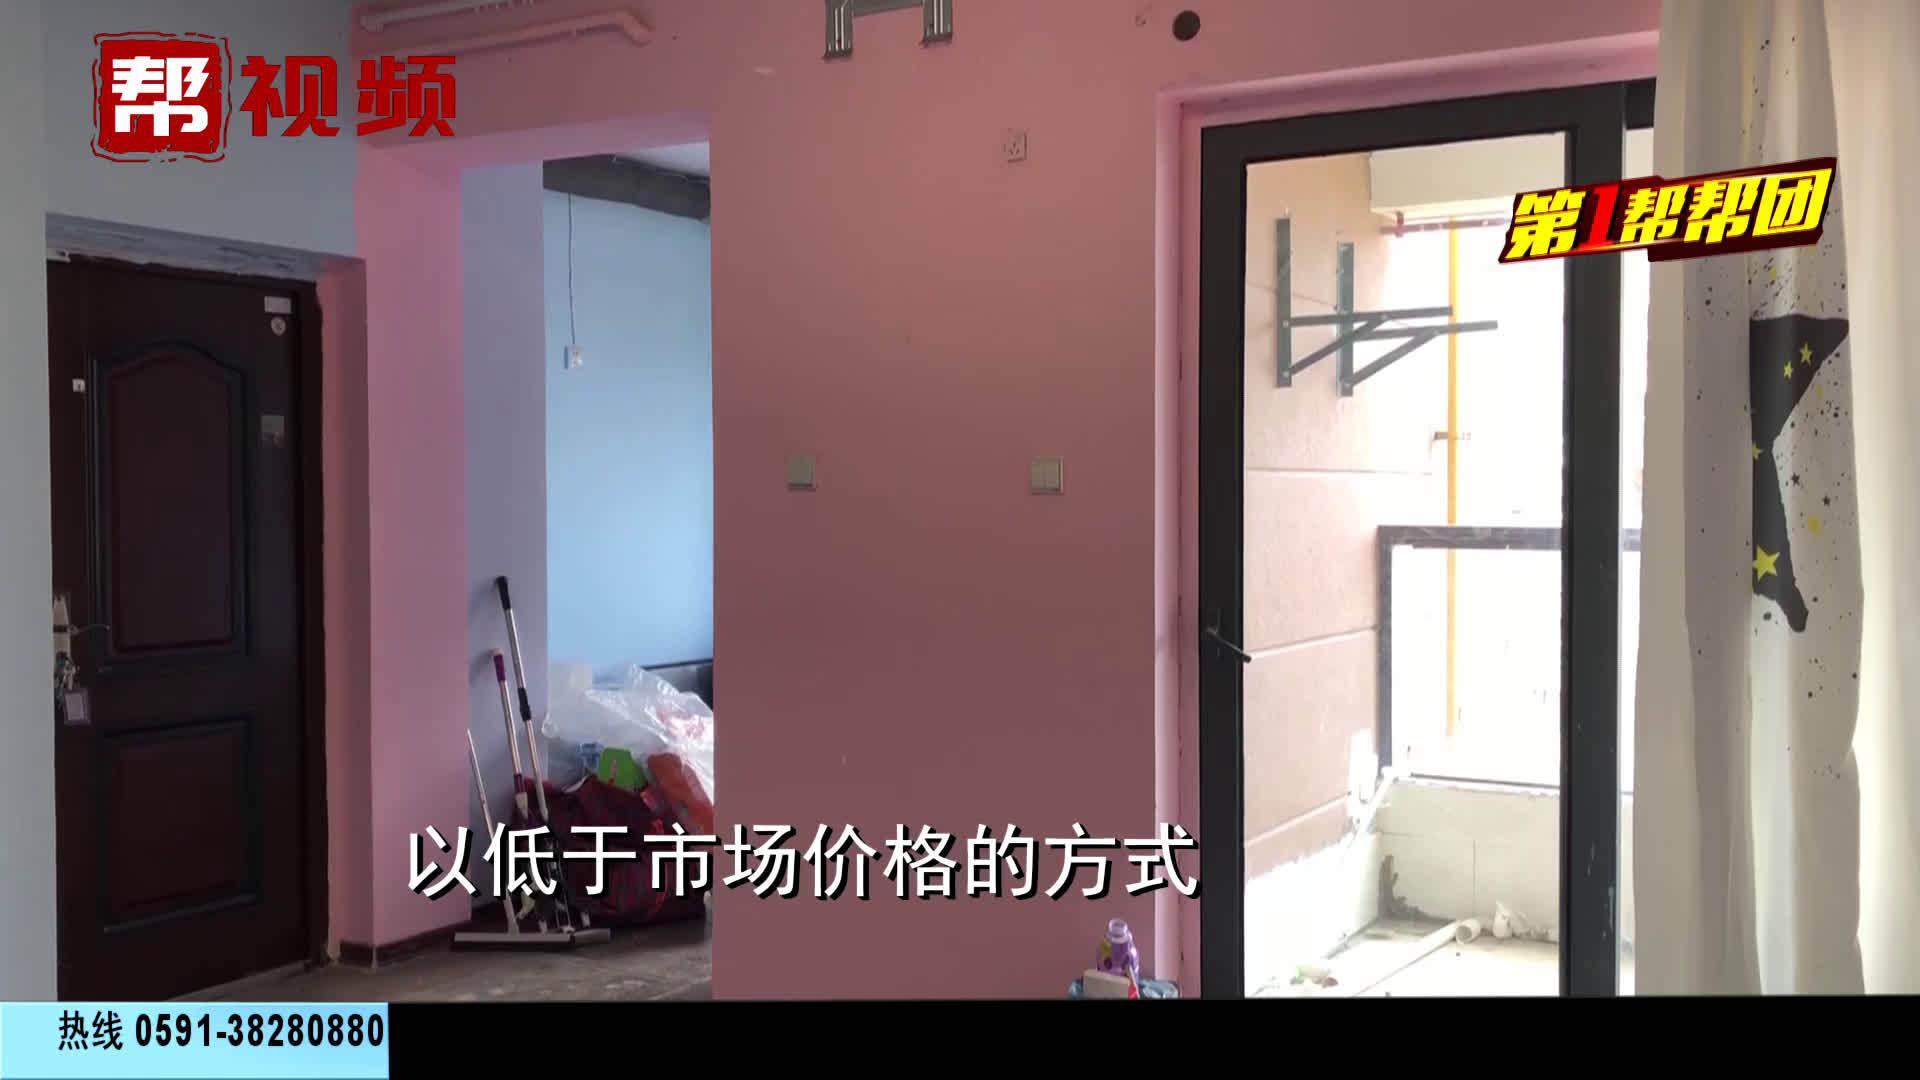 122平米房屋被隔成7房4卫,大阳台成淋浴室?他们坐不住了!